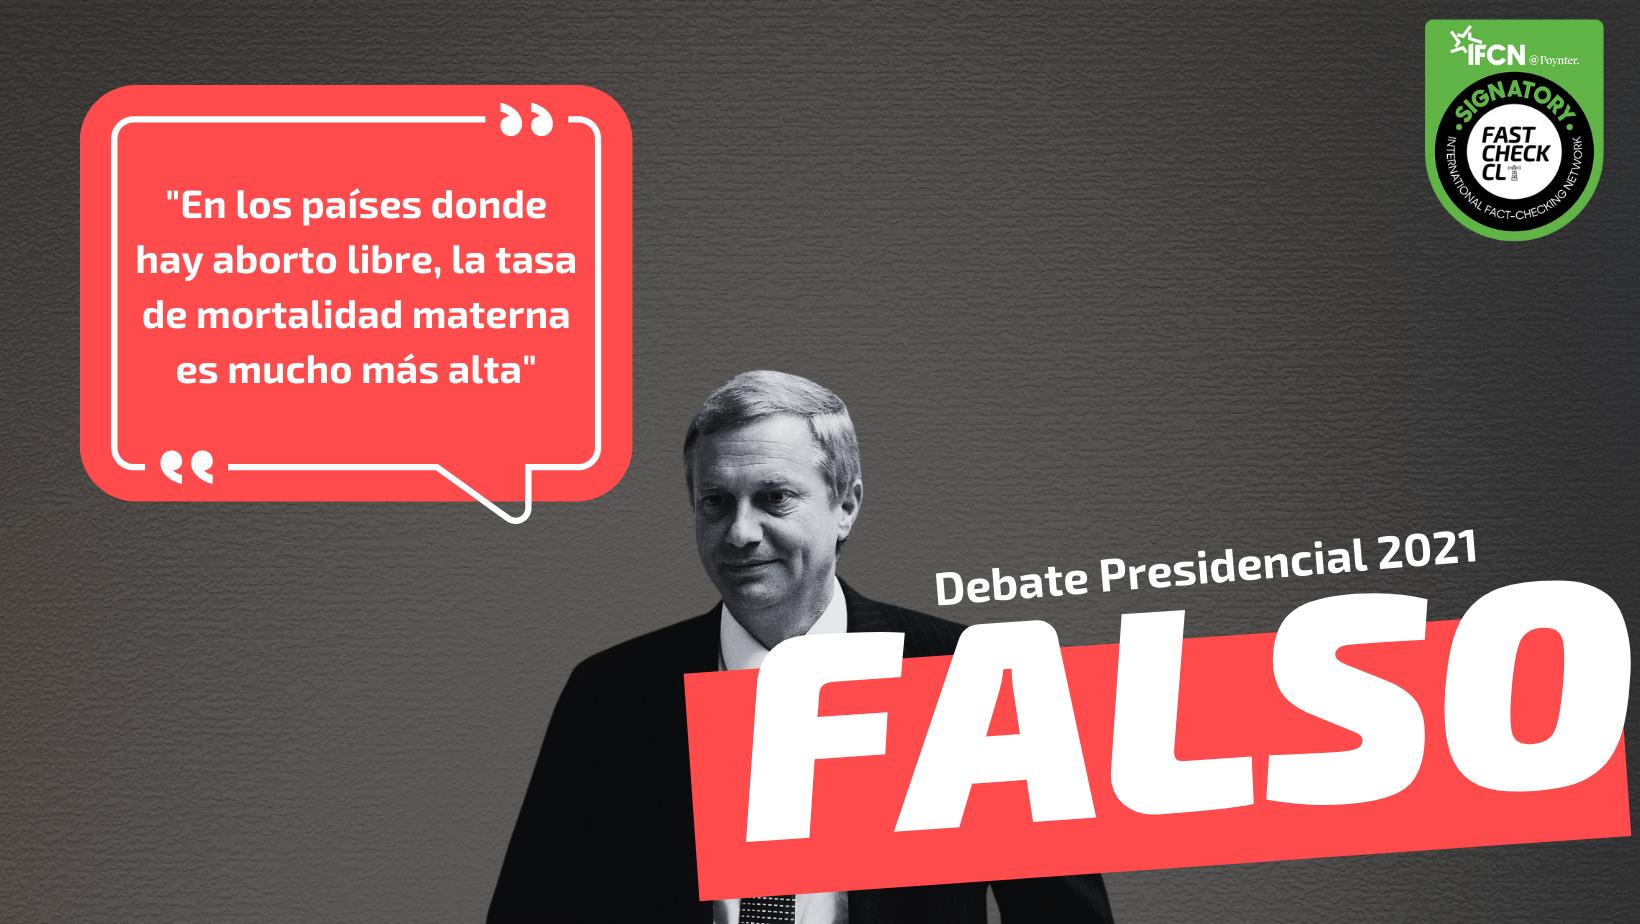 """Read more about the article """"En los países donde hay aborto libre, la tasa de mortalidad materna es mucho más alta"""": #Falso"""